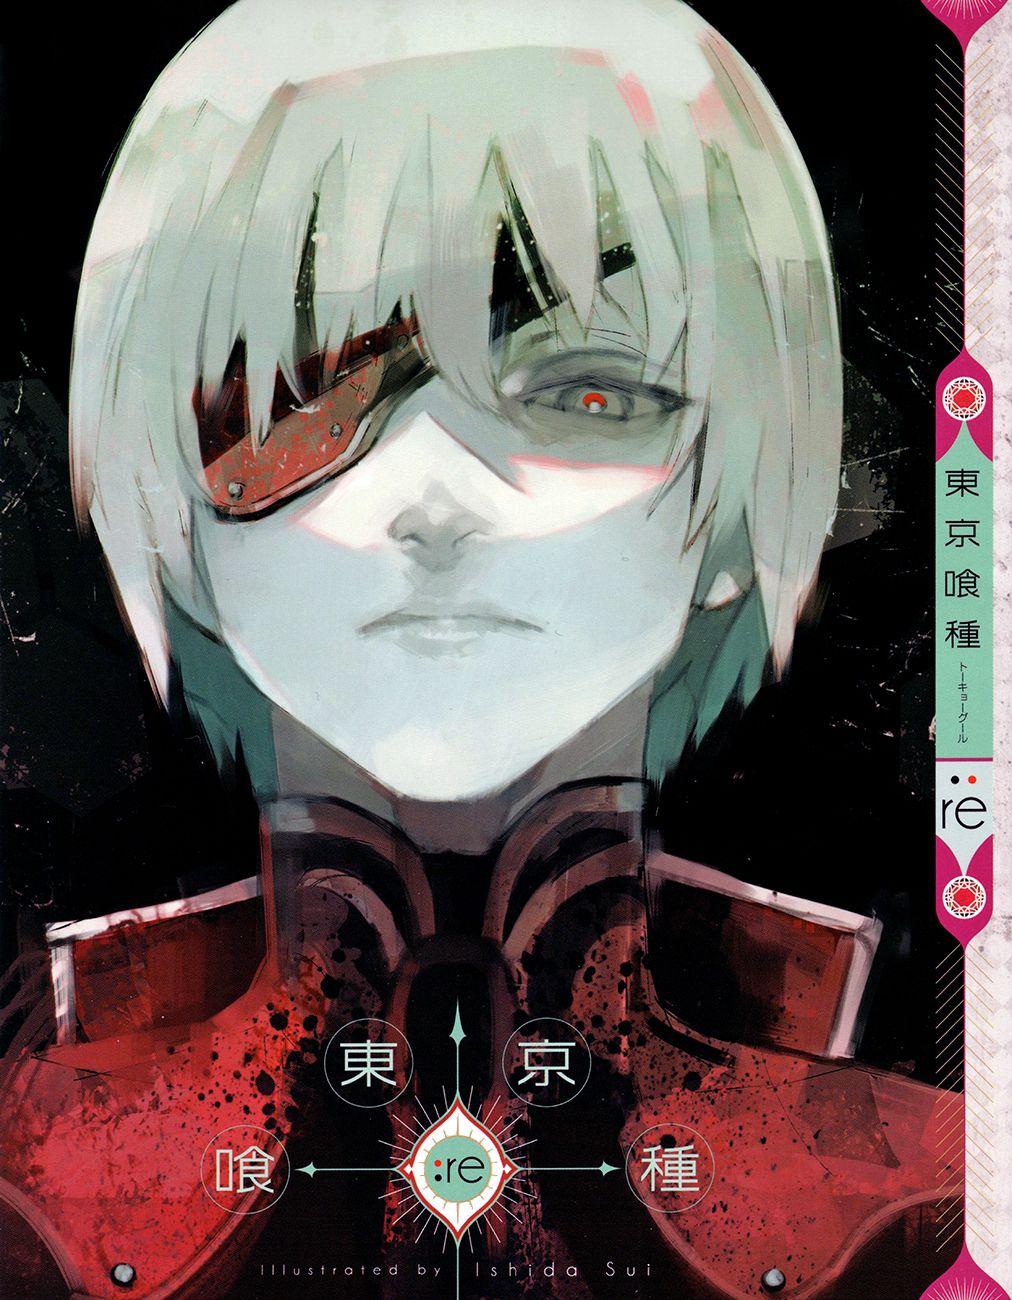 อ่าน Tokyo Ghoul:re ตอนที่ 81 ด้ายไข่มุก TH แปลไทยล่าสุด. アニメの男の子東京グール ...